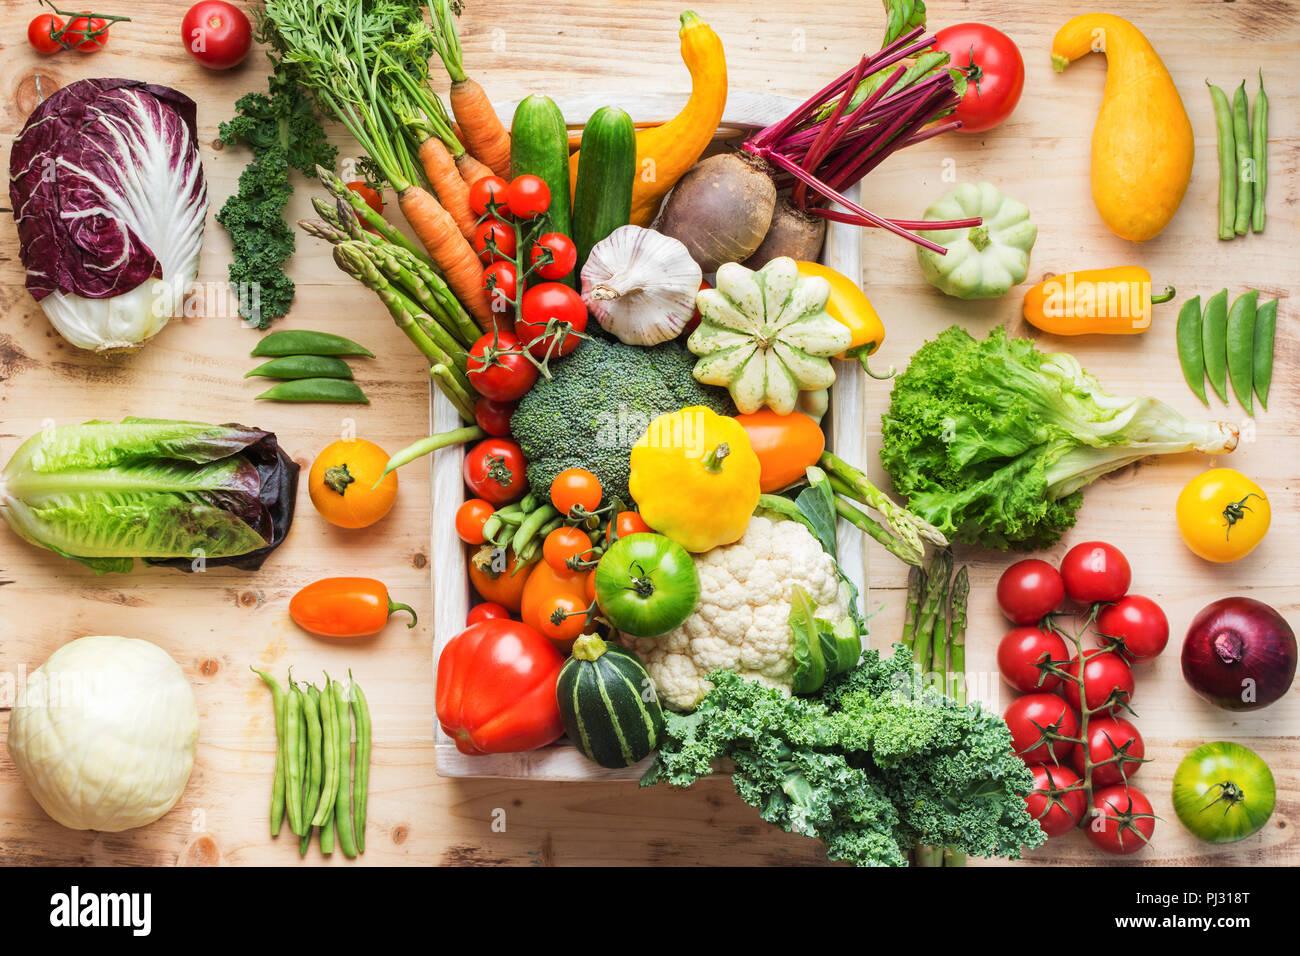 Surtido de colores frescos vegetales orgánicos en bandeja blanca en madera de pino, cocina creativa de fondo de tabla, vista superior, el enfoque selectivo Imagen De Stock